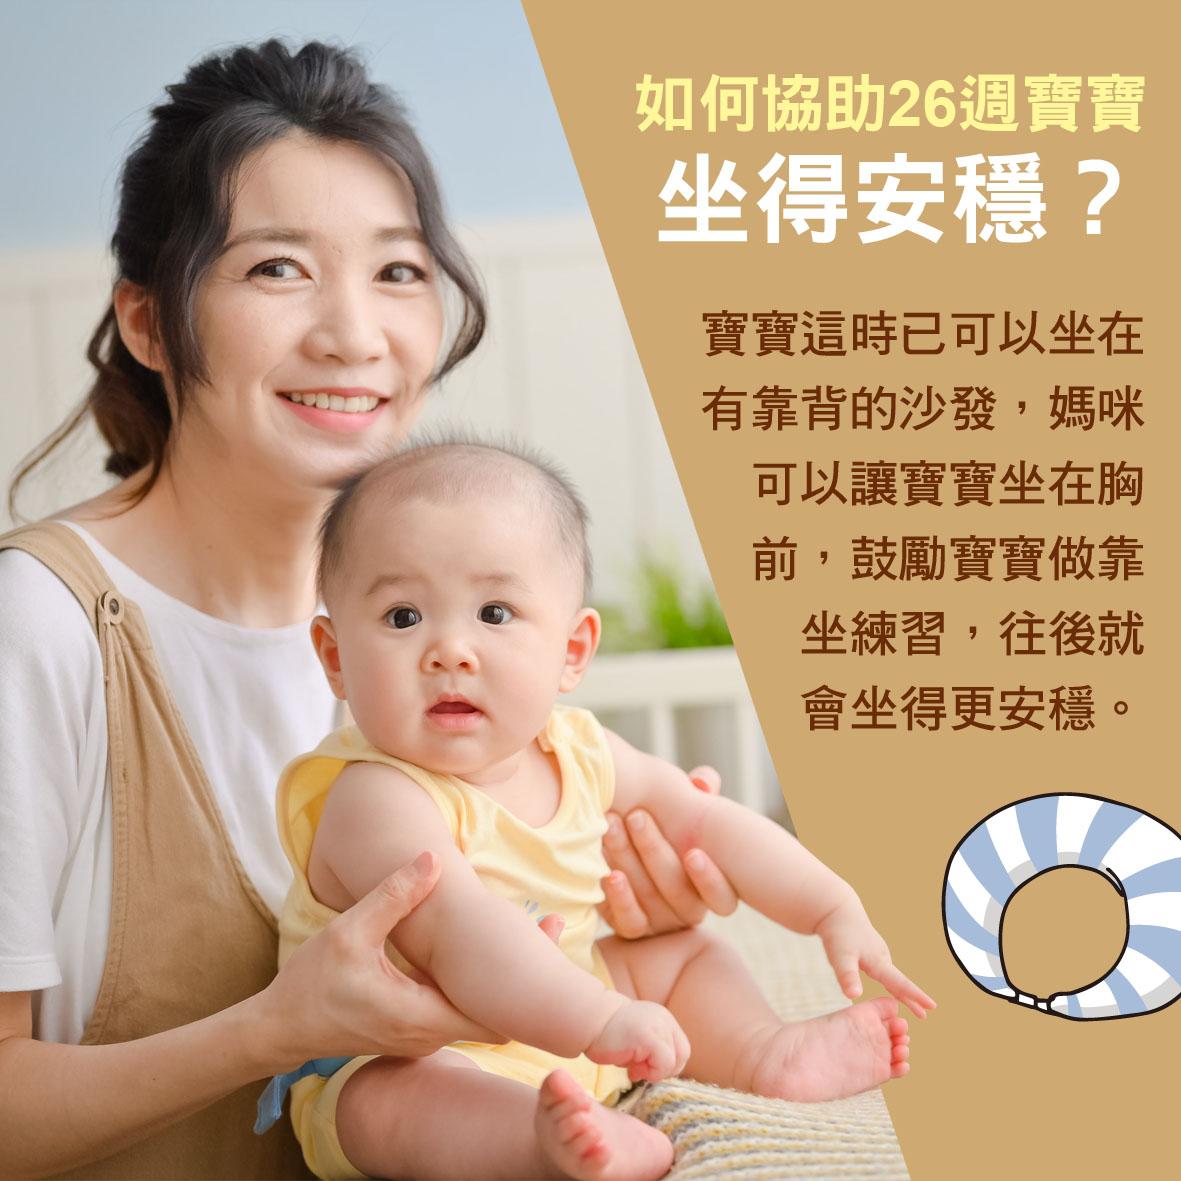 寶寶篇第26週-如何協助26週寶寶坐得安穩?